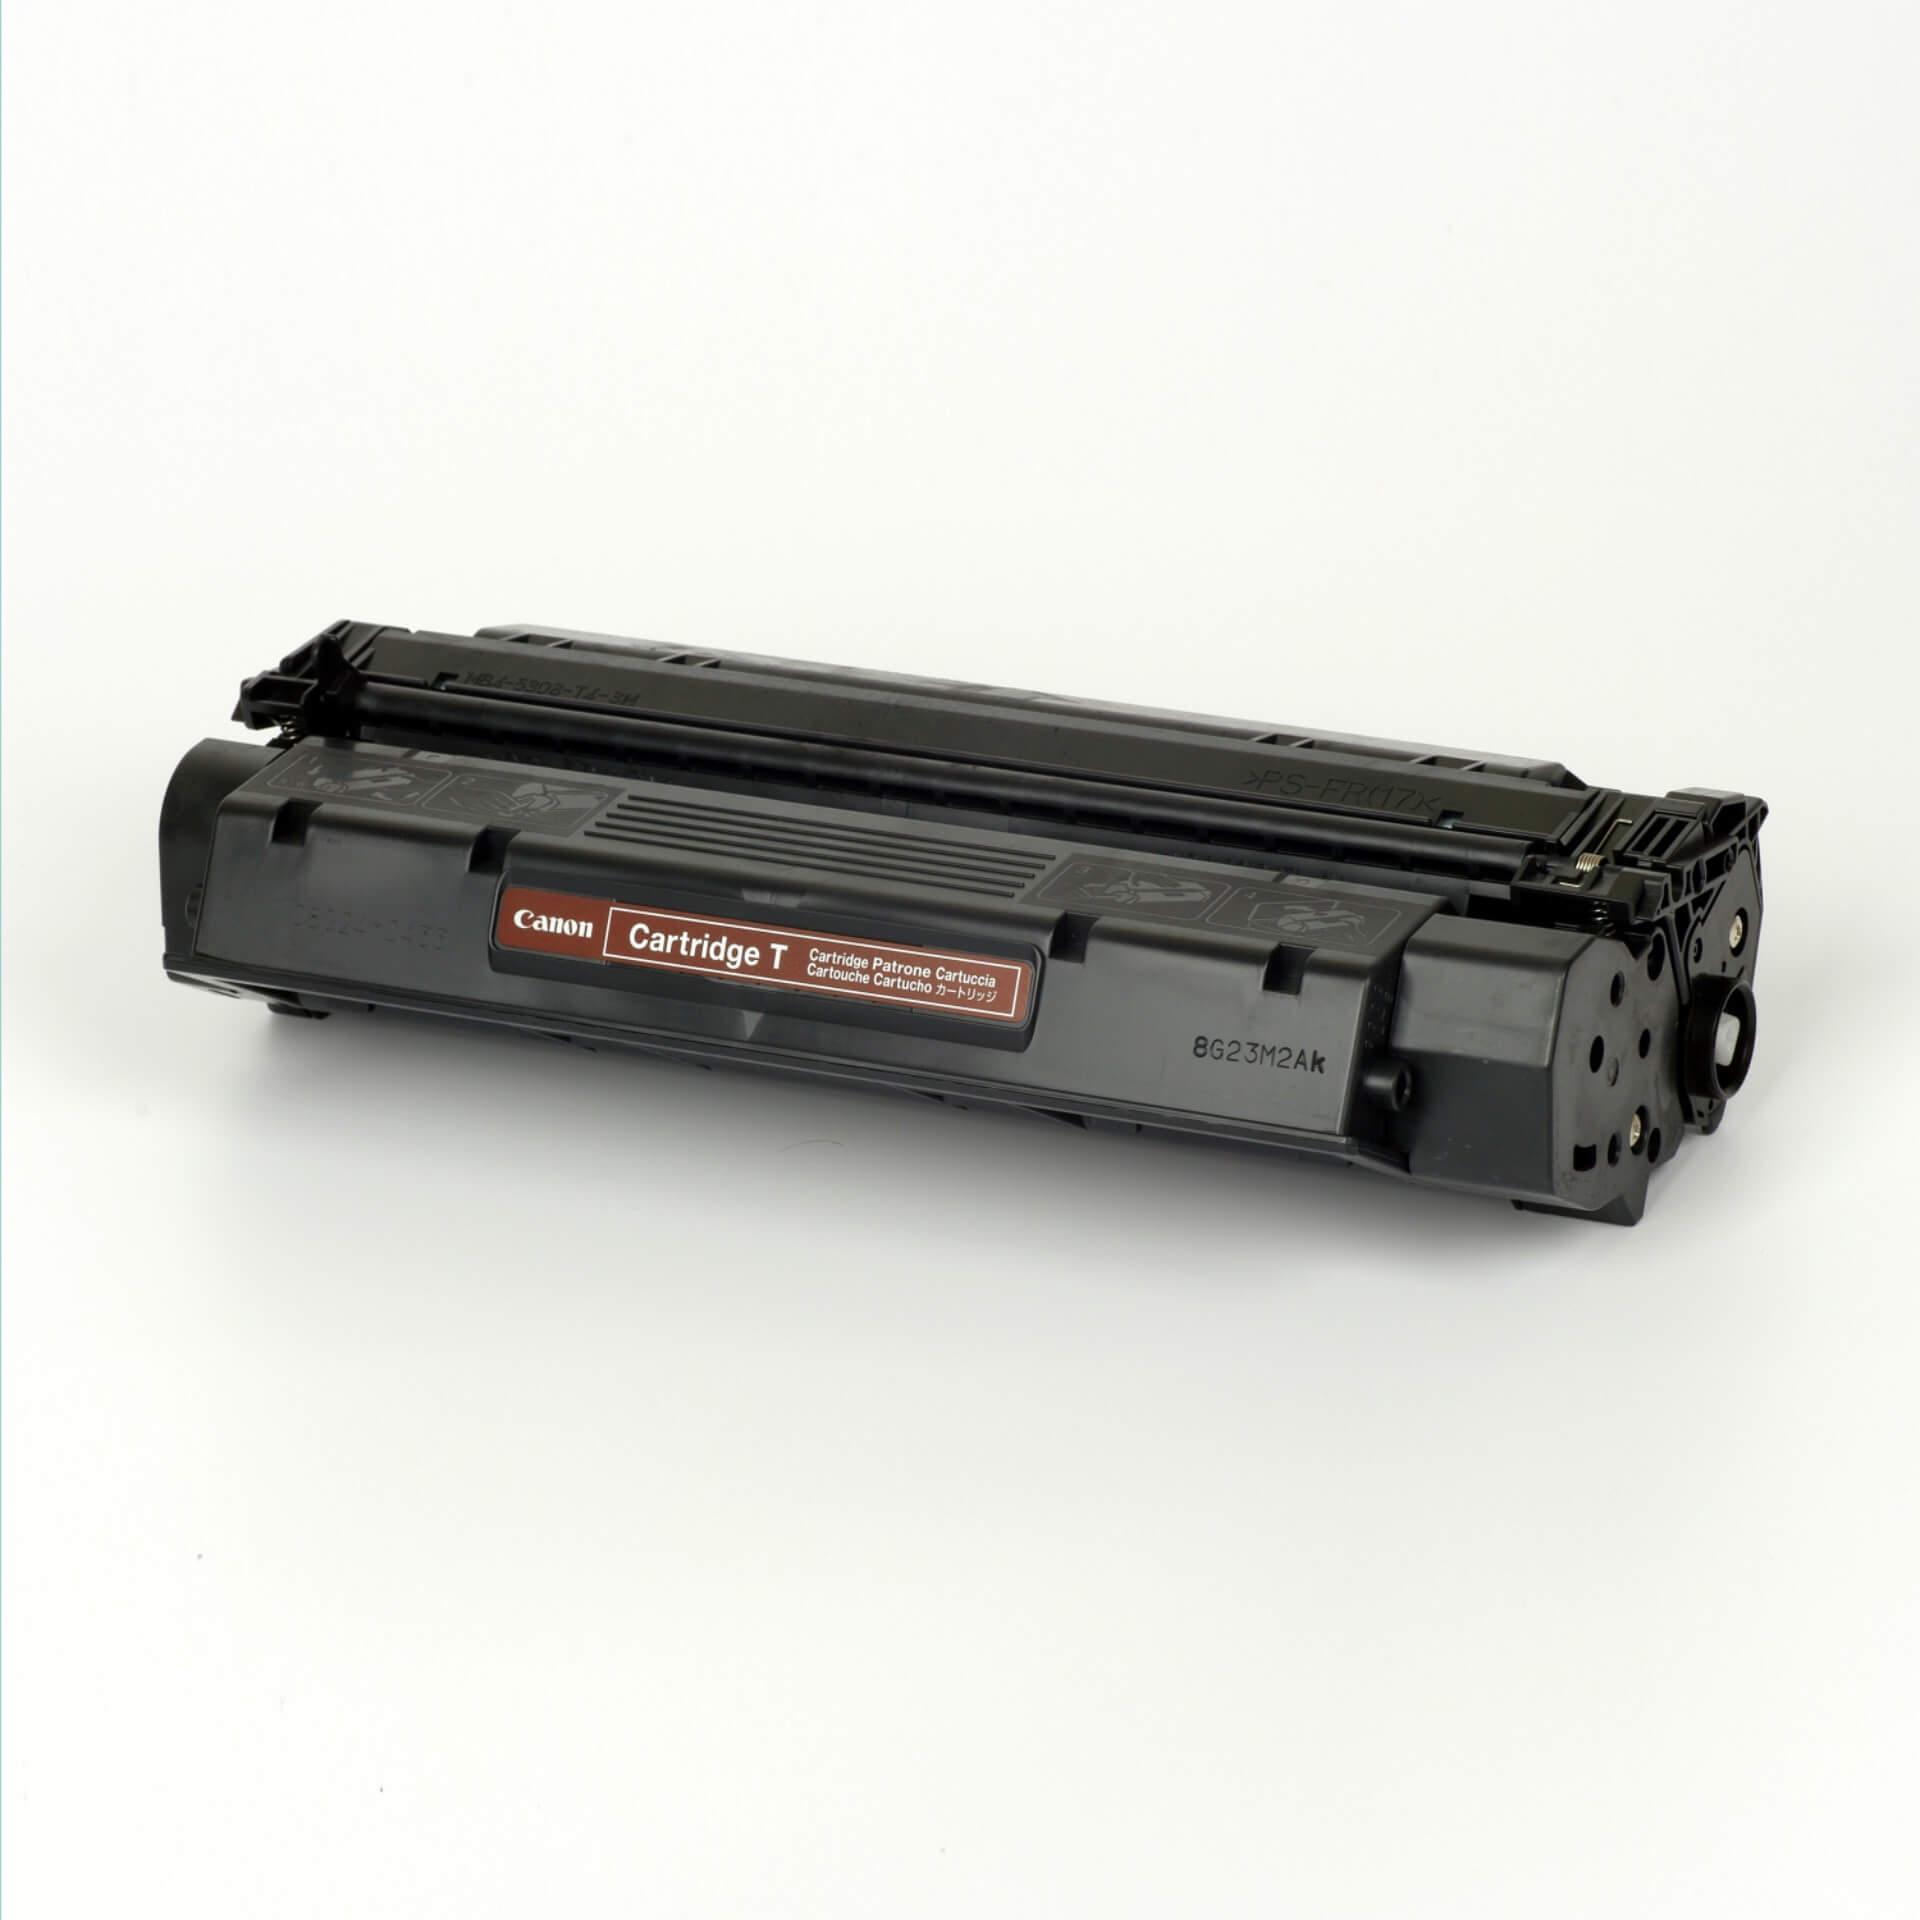 Auf dem Bild sehen Sie eine Canon 7833A002 Cartridge T Original Tonerkartusche schwarz